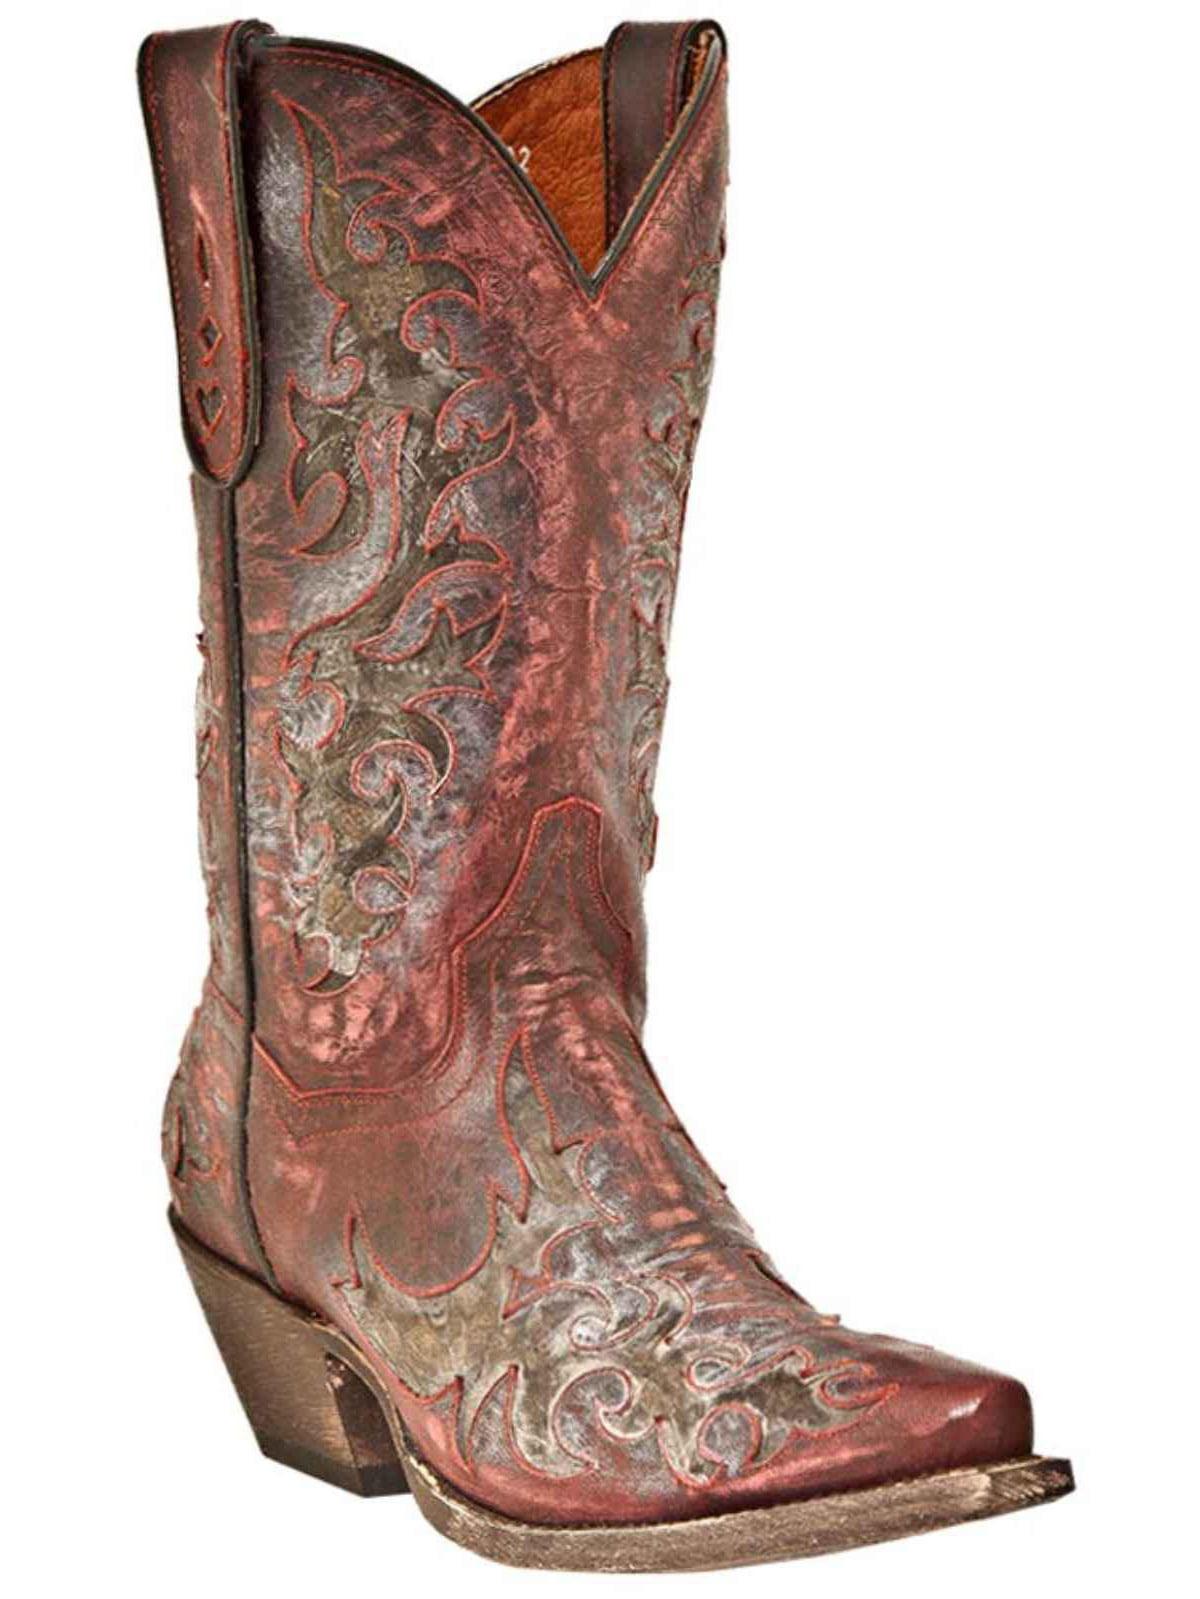 """Dan Post Men's 13"""" Red Sanded Zephyr Snip Western Boot, DPP4744 by DAN POST"""